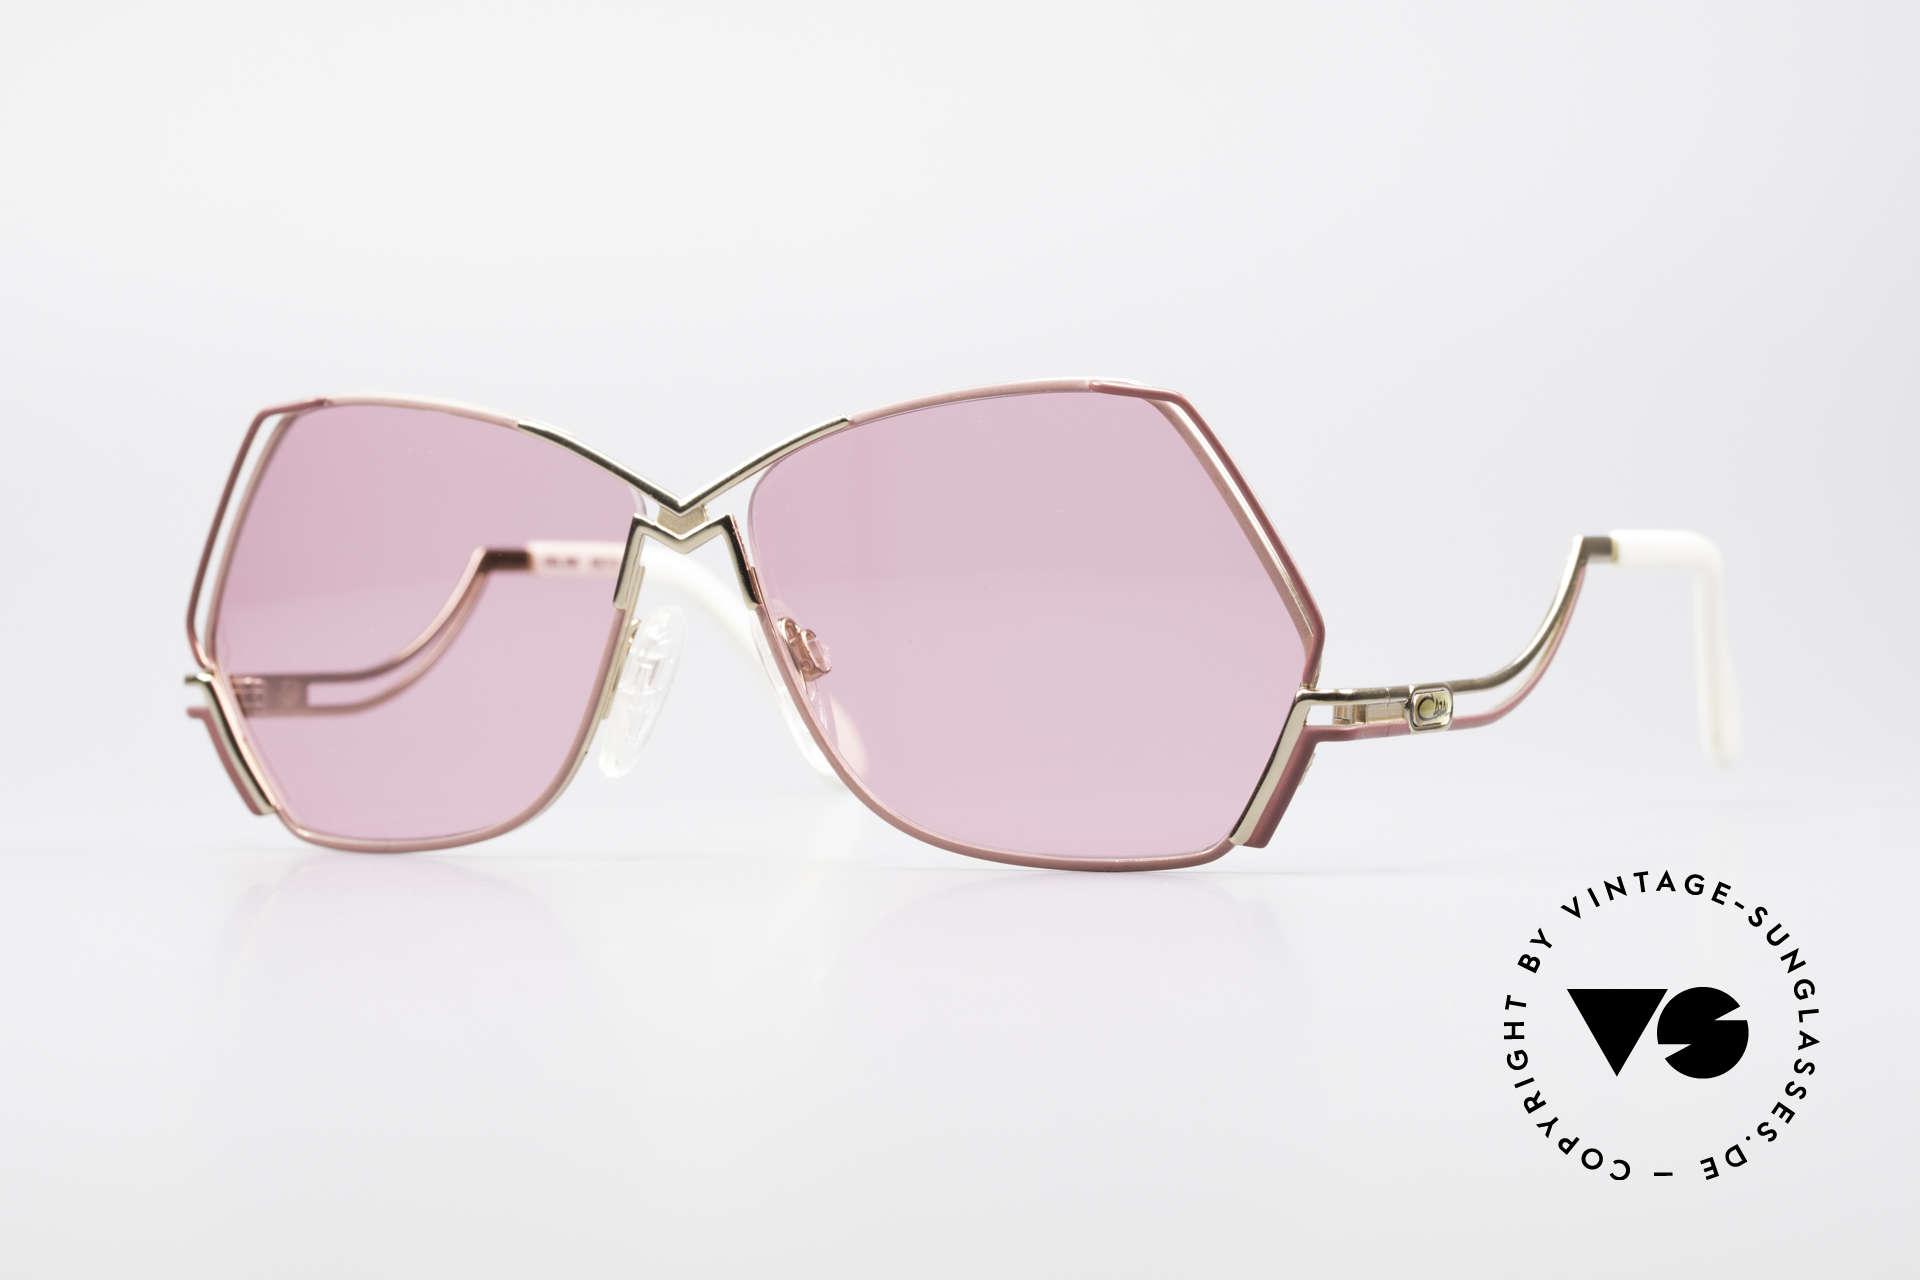 Cazal 226 Pinke Sonnenbrille Damen, außergewöhnliche, fünfeckige CAZAL Designerbrille, Passend für Damen